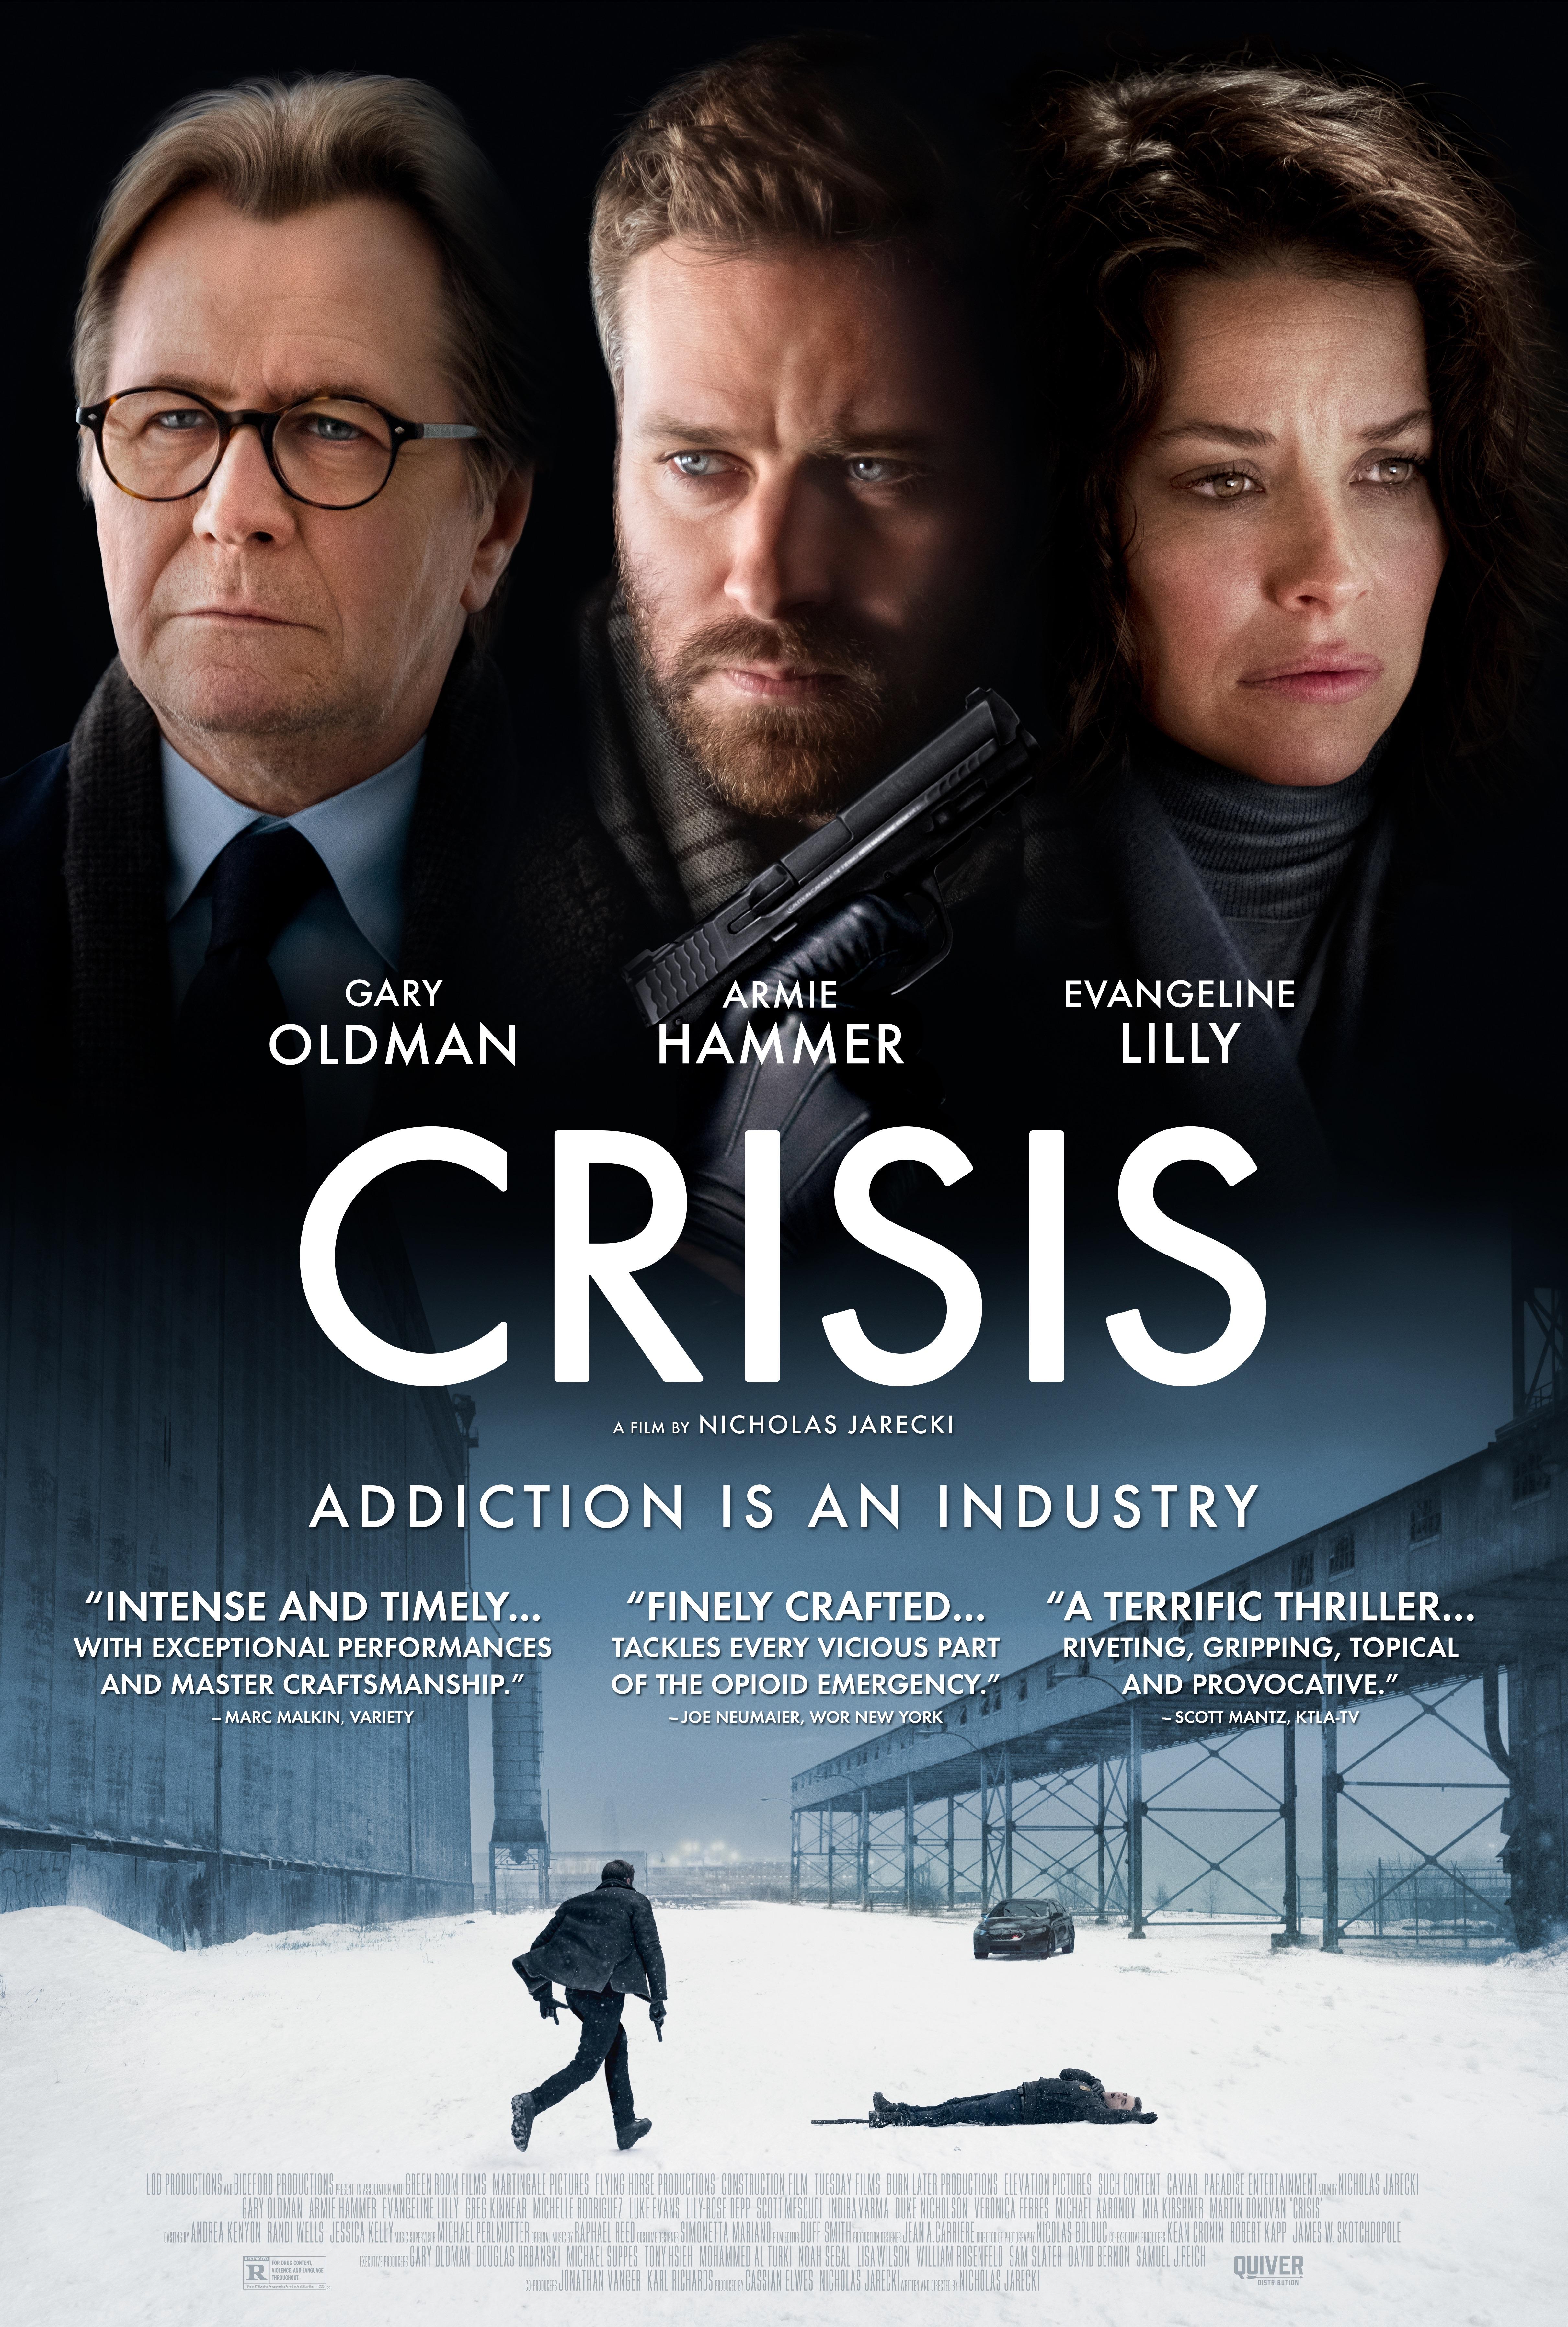 Download Crisis (2021) Full Movie   Stream Crisis (2021) Full HD   Watch Crisis (2021)   Free Download Crisis (2021) Full Movie